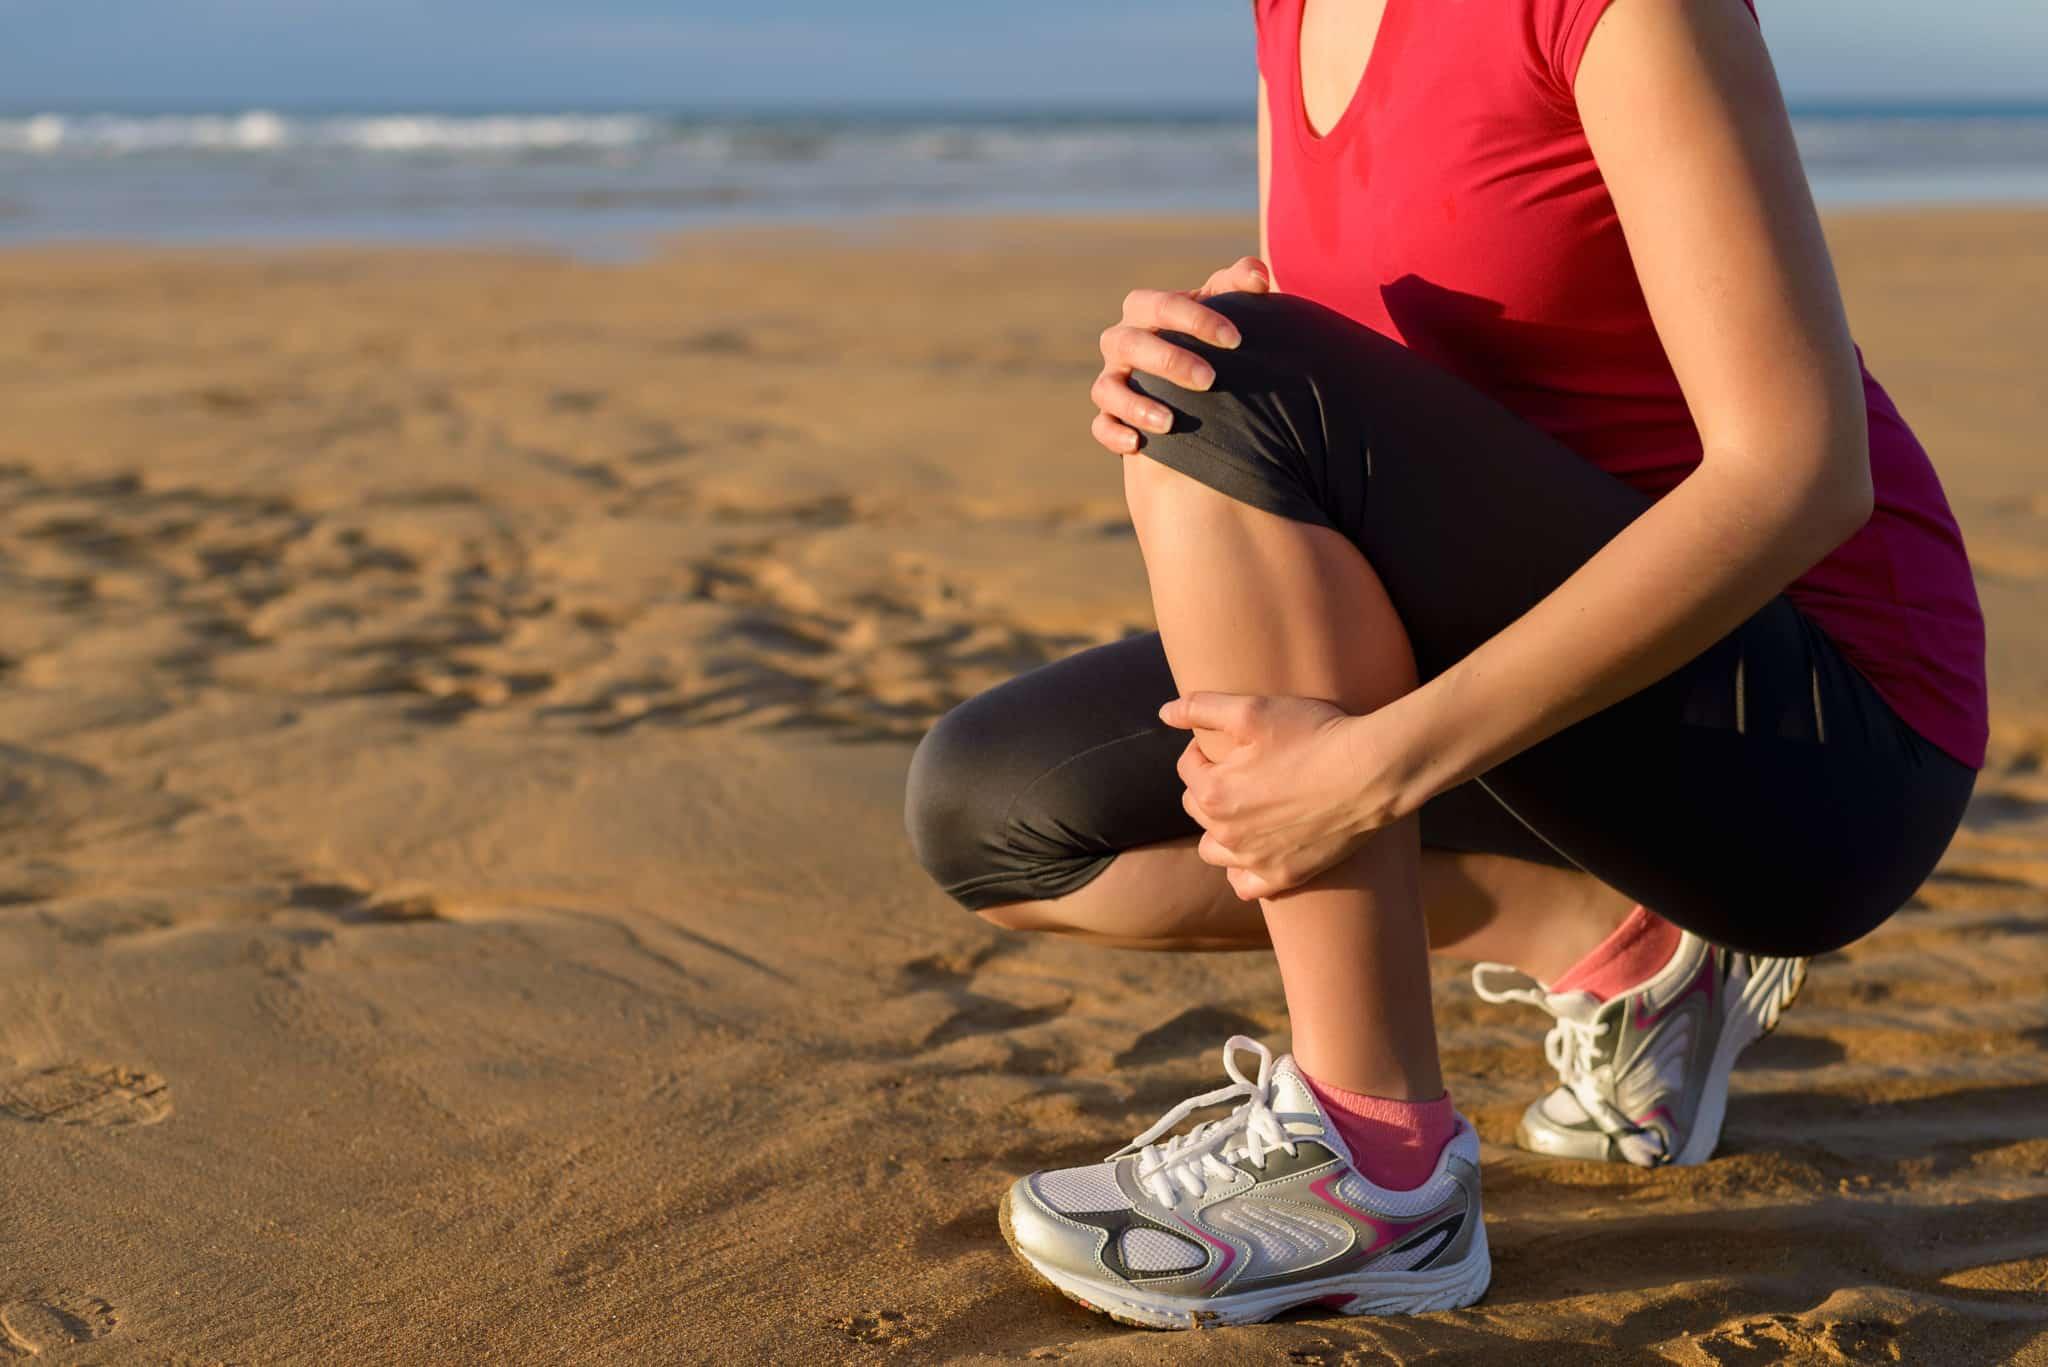 Woman holding shin splints shin pain.